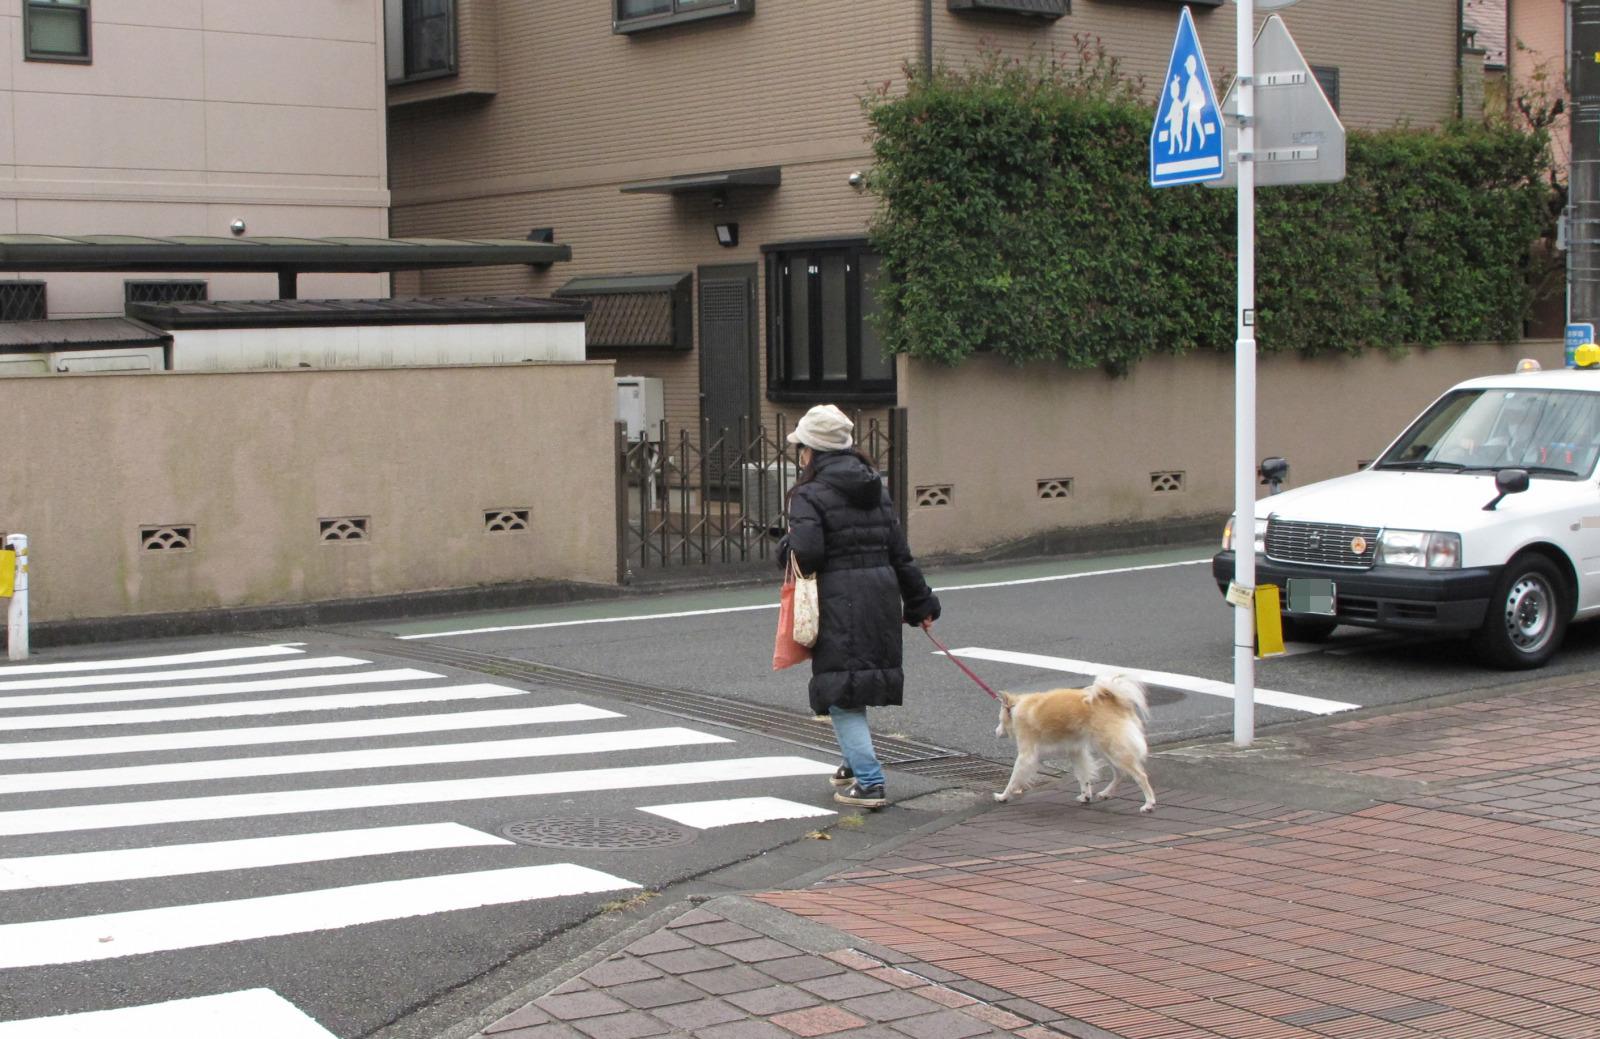 「覚えていますか「横断歩道は歩行者優先」。無視して通過すると大事故や罰則も! 」の4枚目の画像